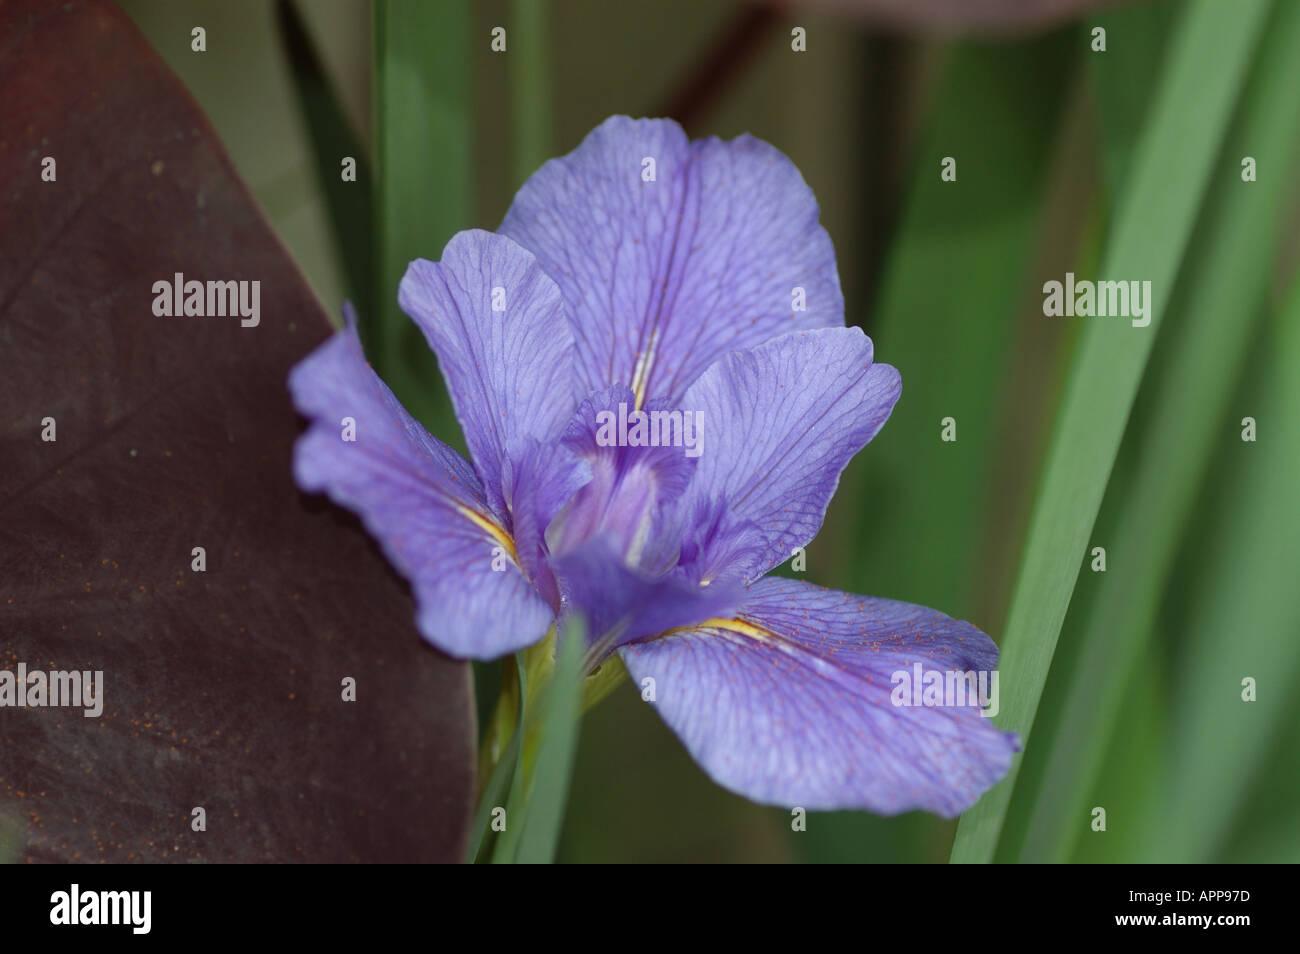 Scientific Classification Iris Common Name Stock Photos Scientific